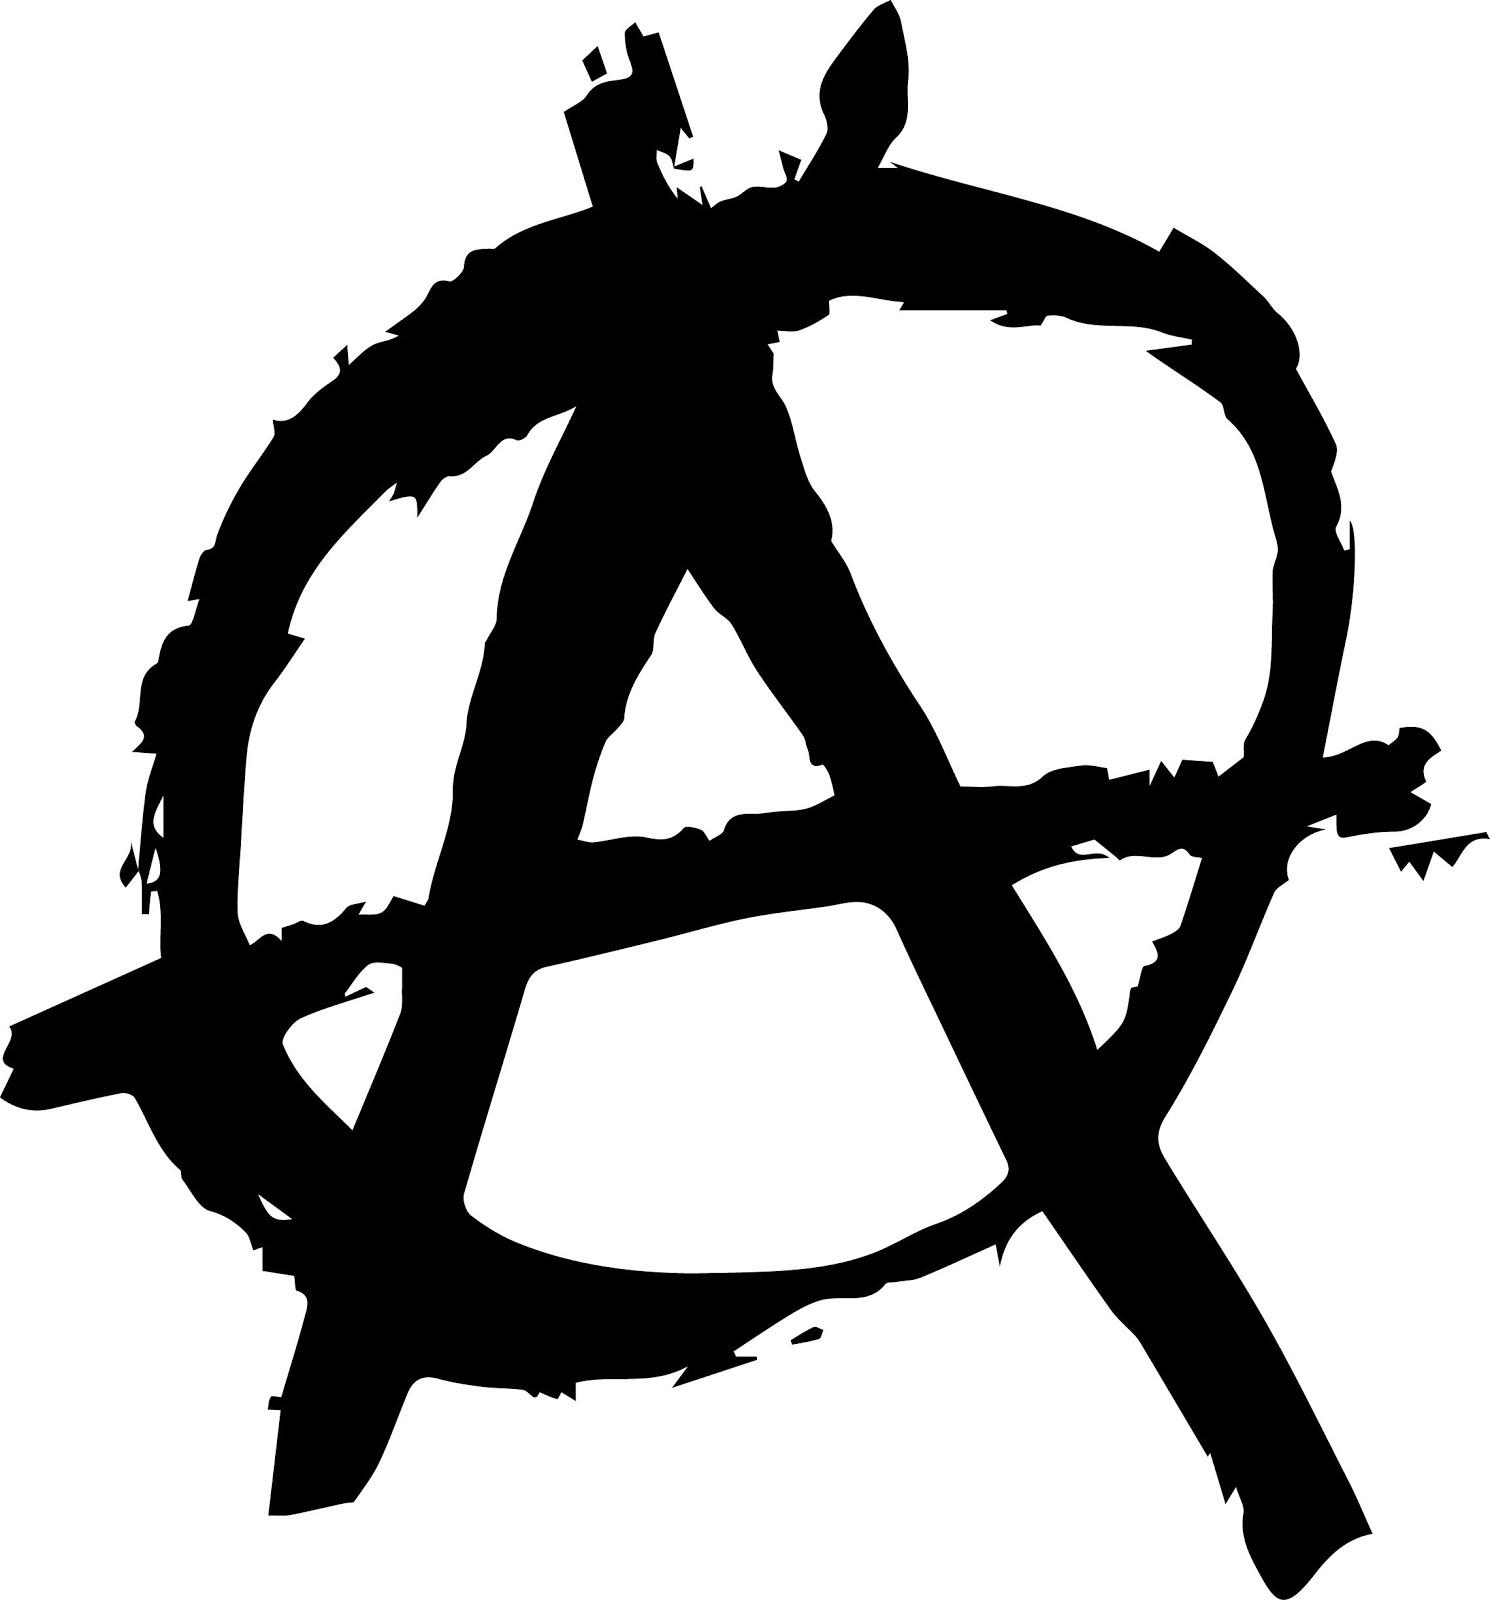 Agence A